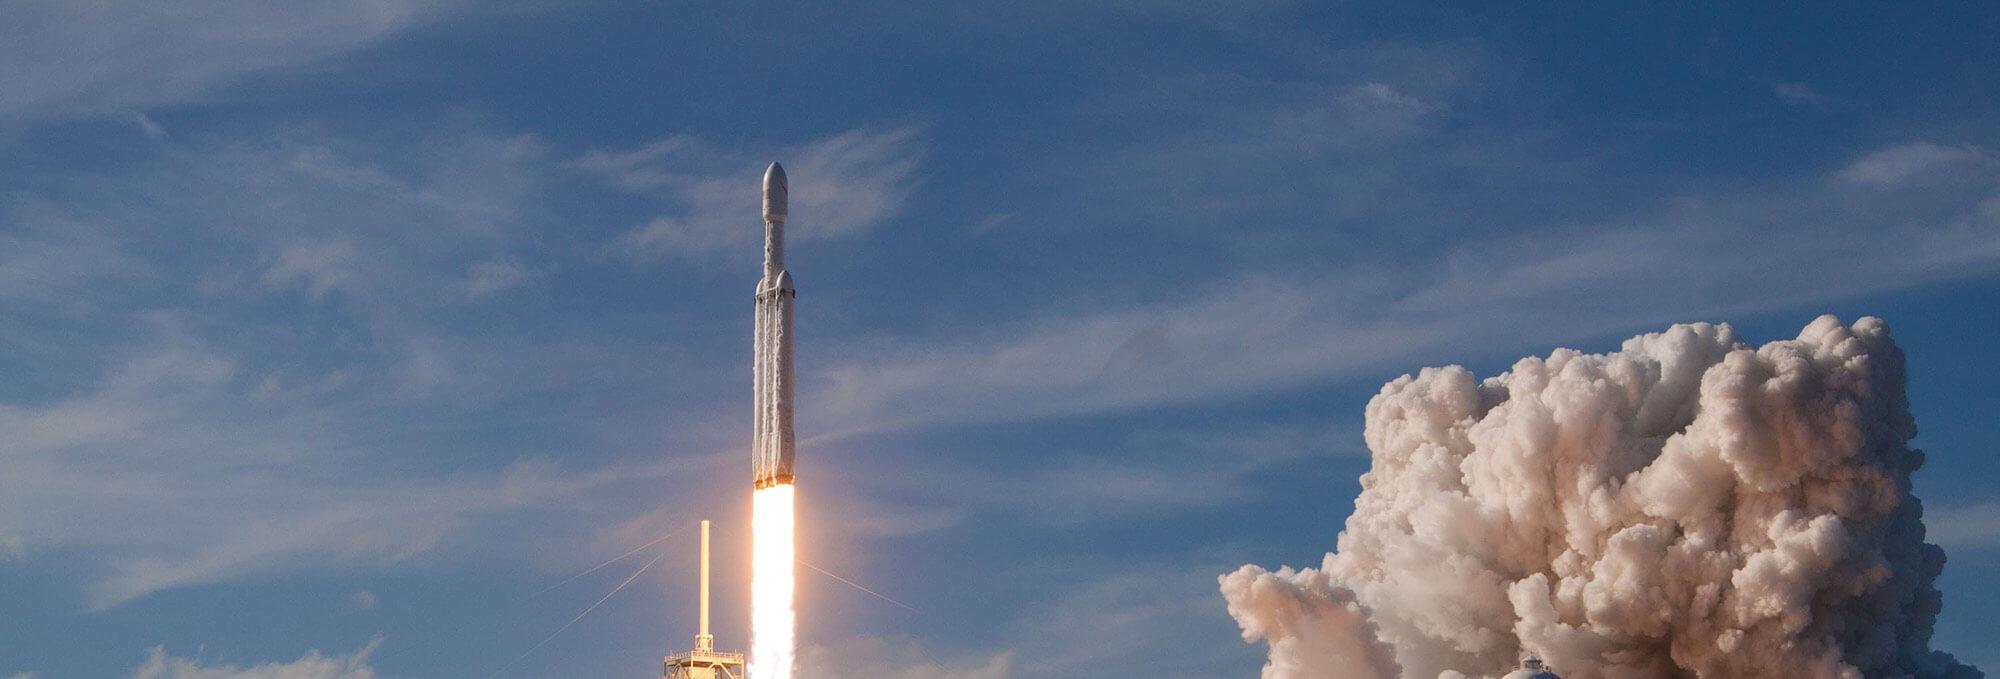 rocket banner - spacex-549326-unsplash